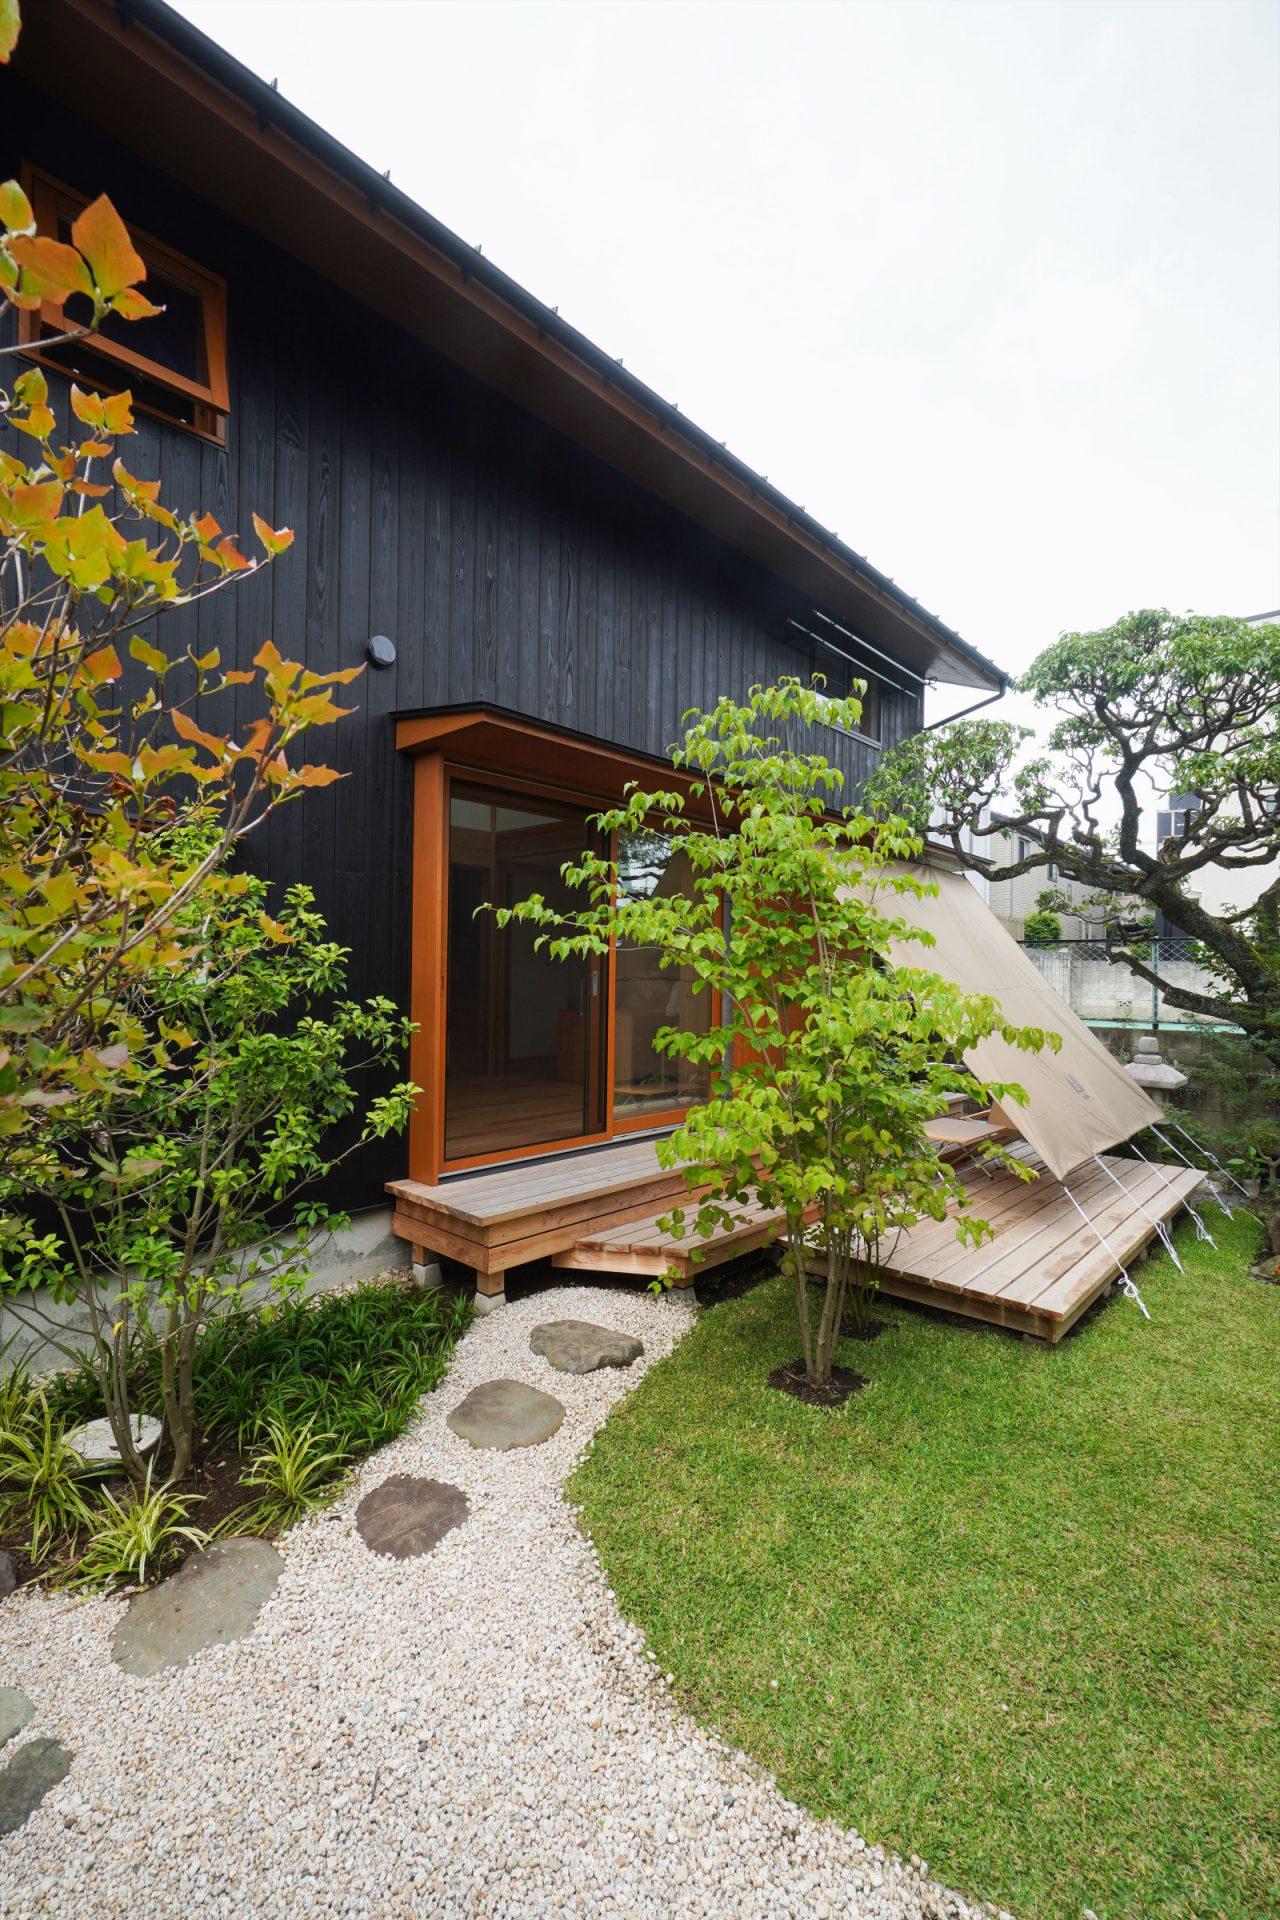 下のウッドデッキはご主人作。小川テントで購入したタープを張って夏場も心地よい空間に。